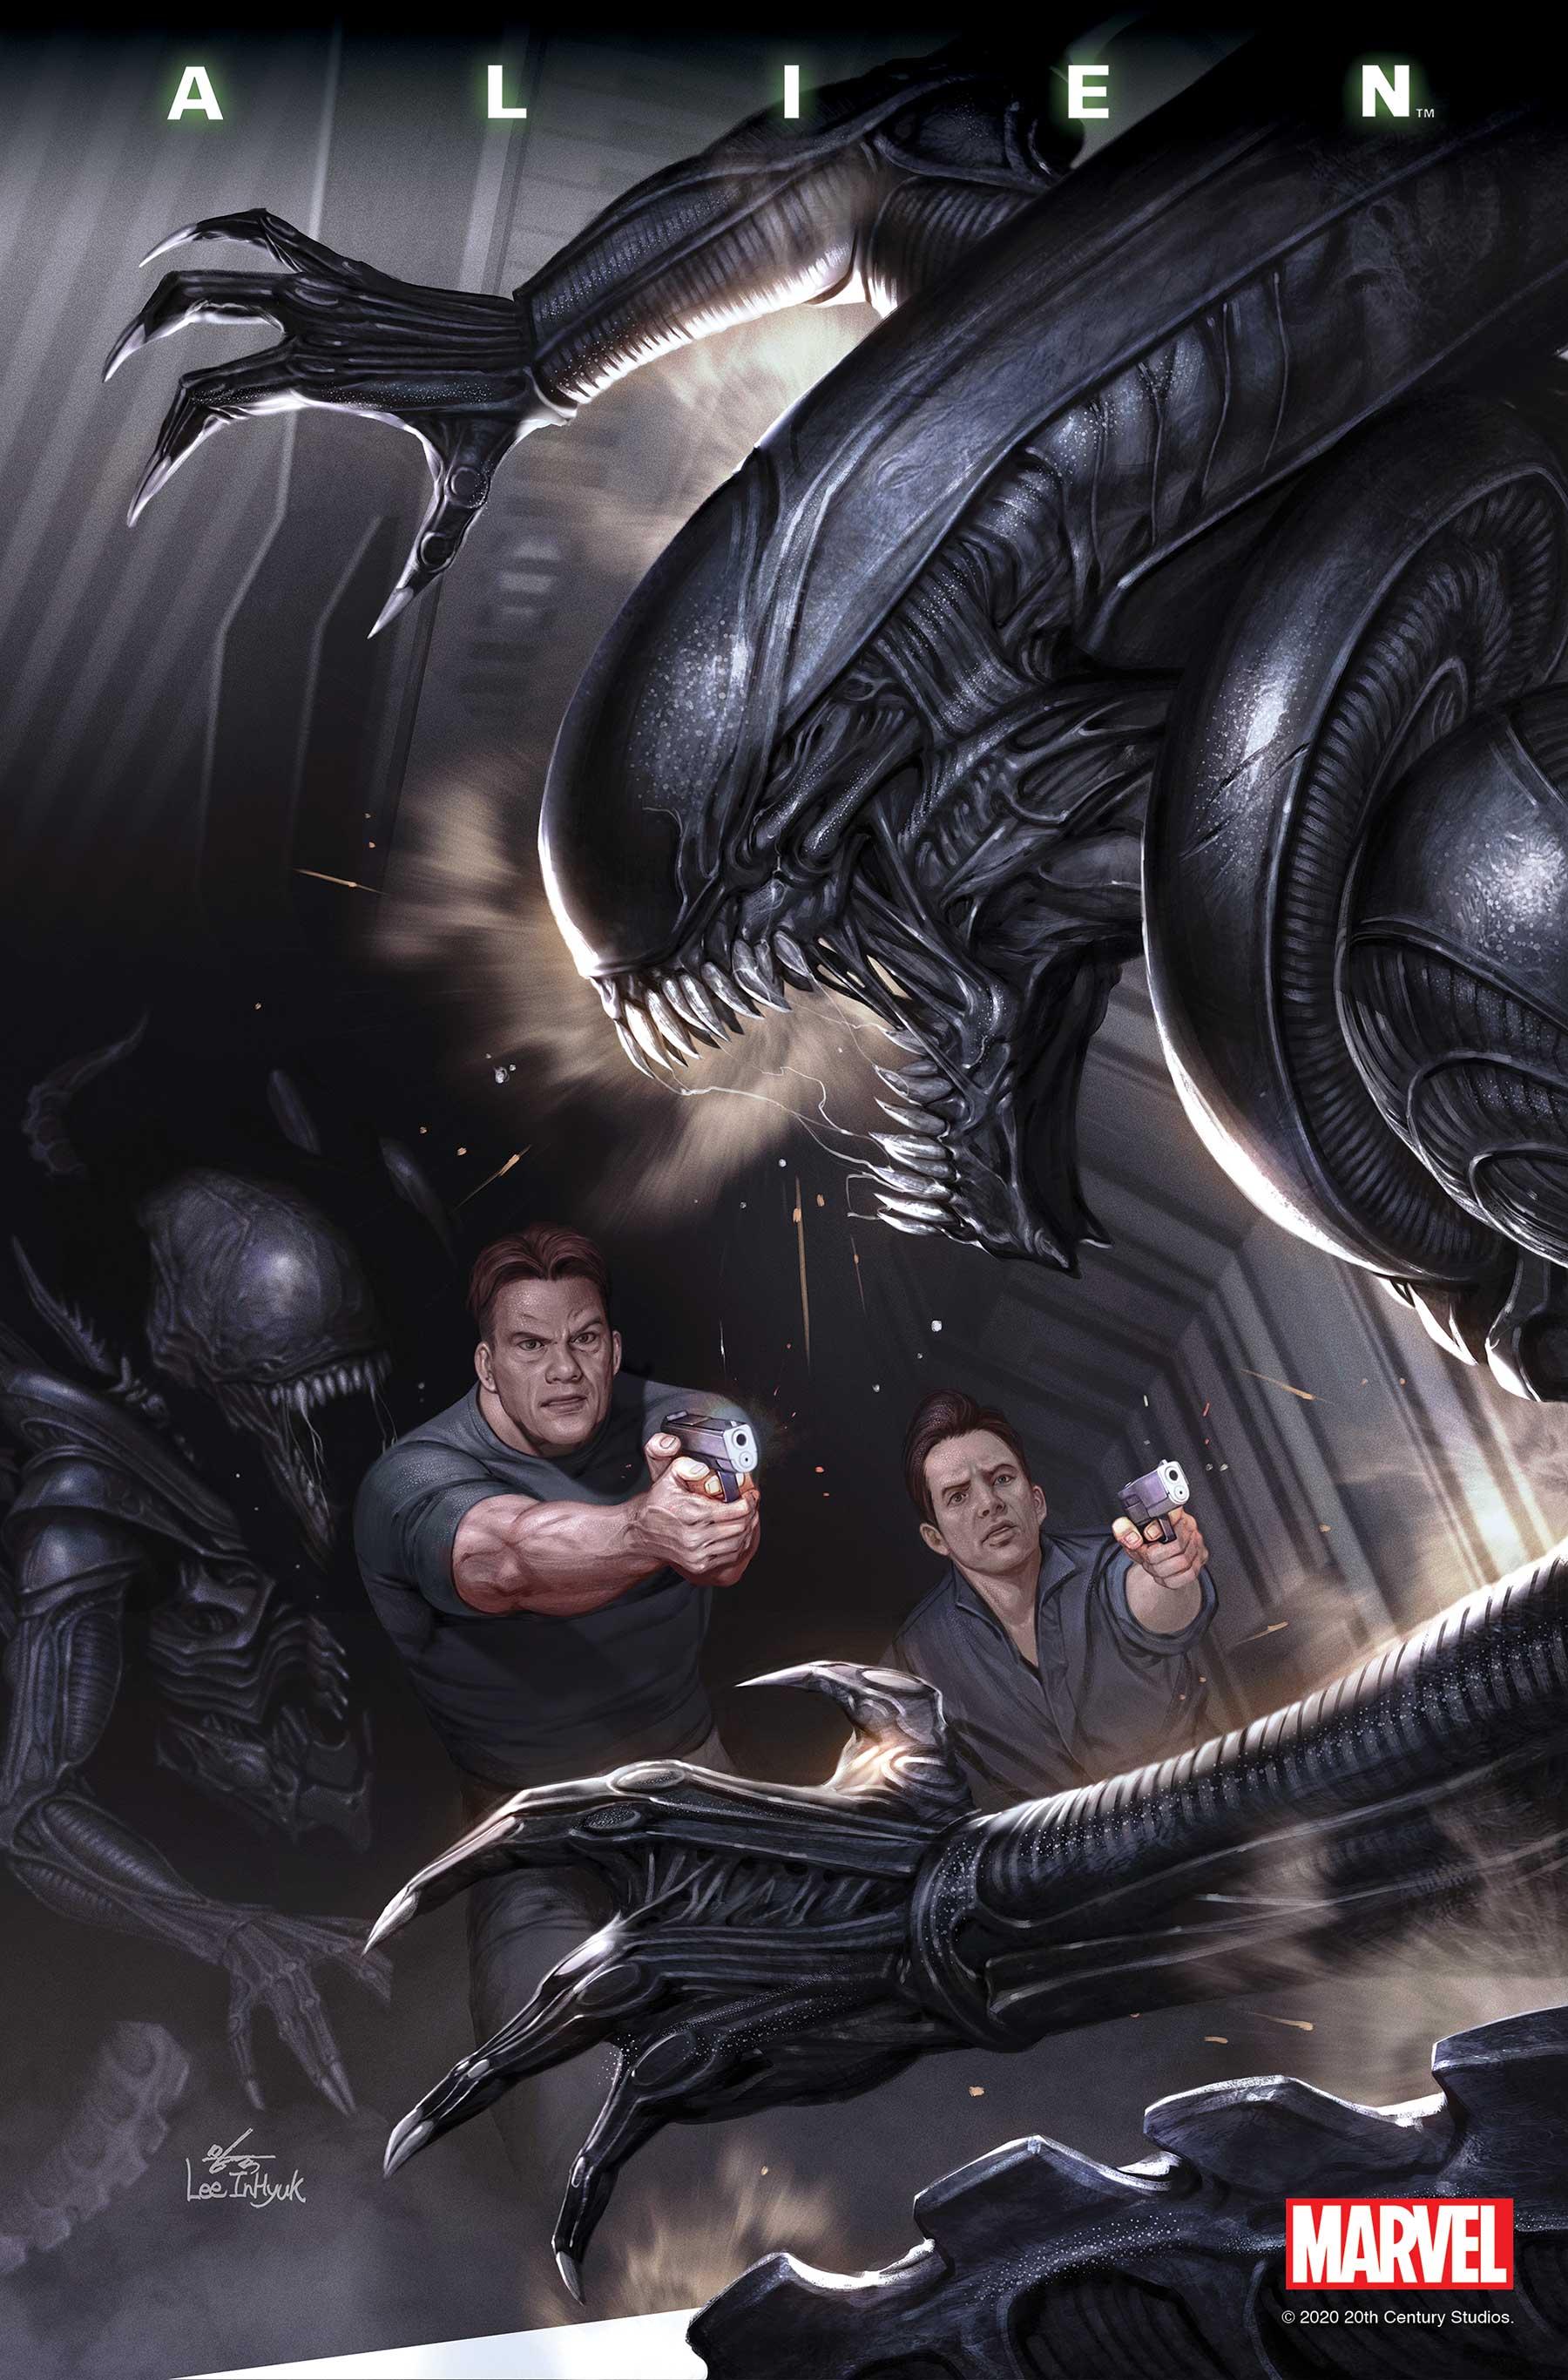 Alien #4 by Phillip Kennedy Johnson